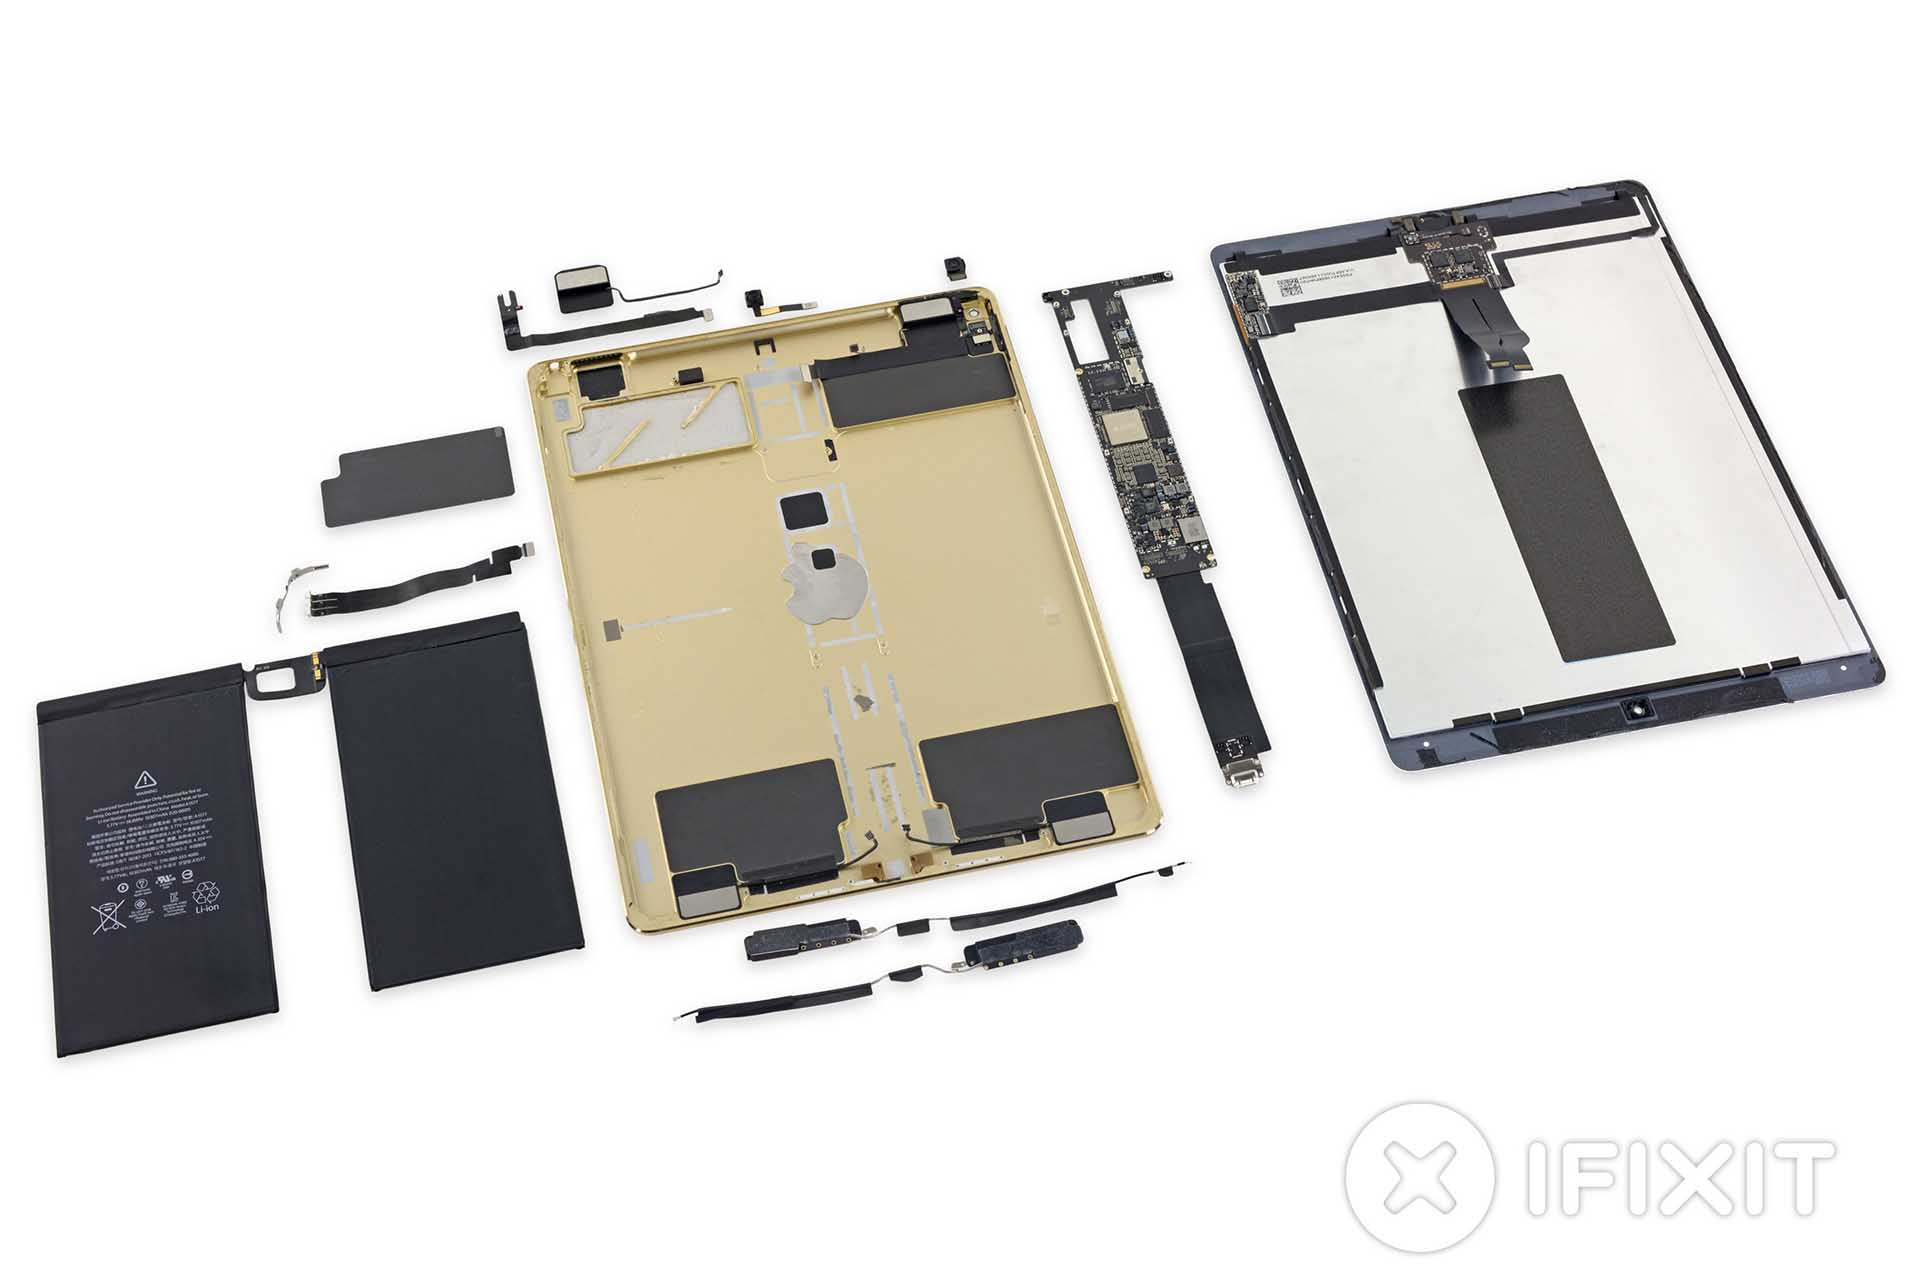 Как понять, что ваш ipad погнулся и требует ремонта